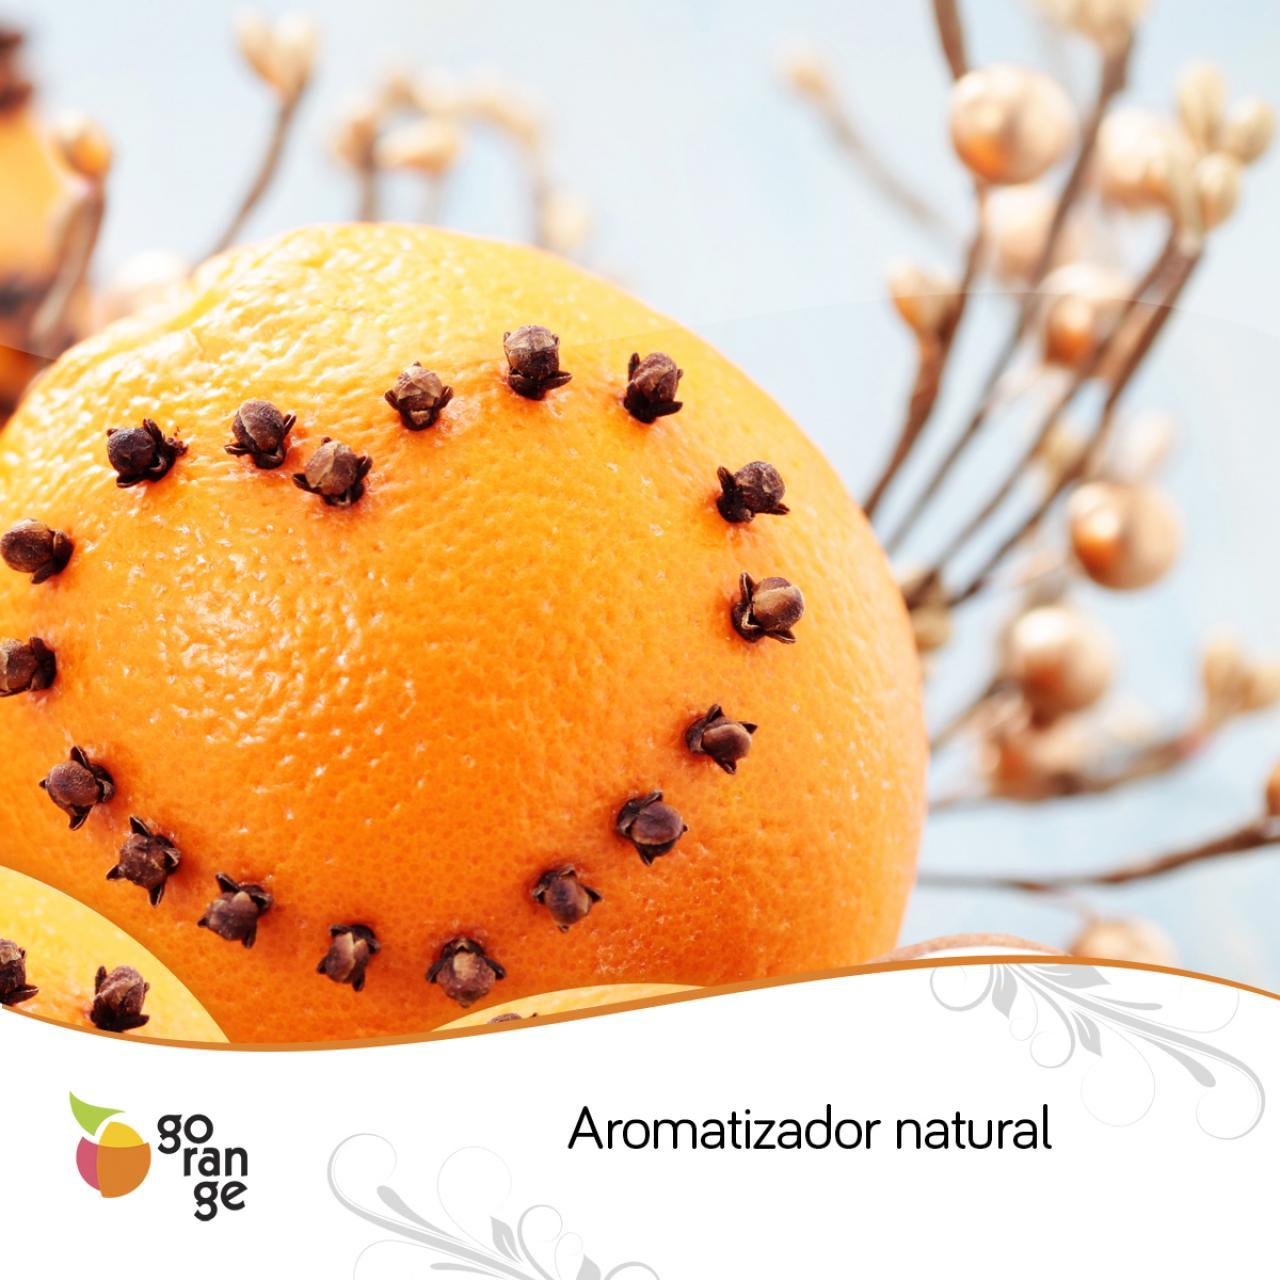 Aromatizador natural